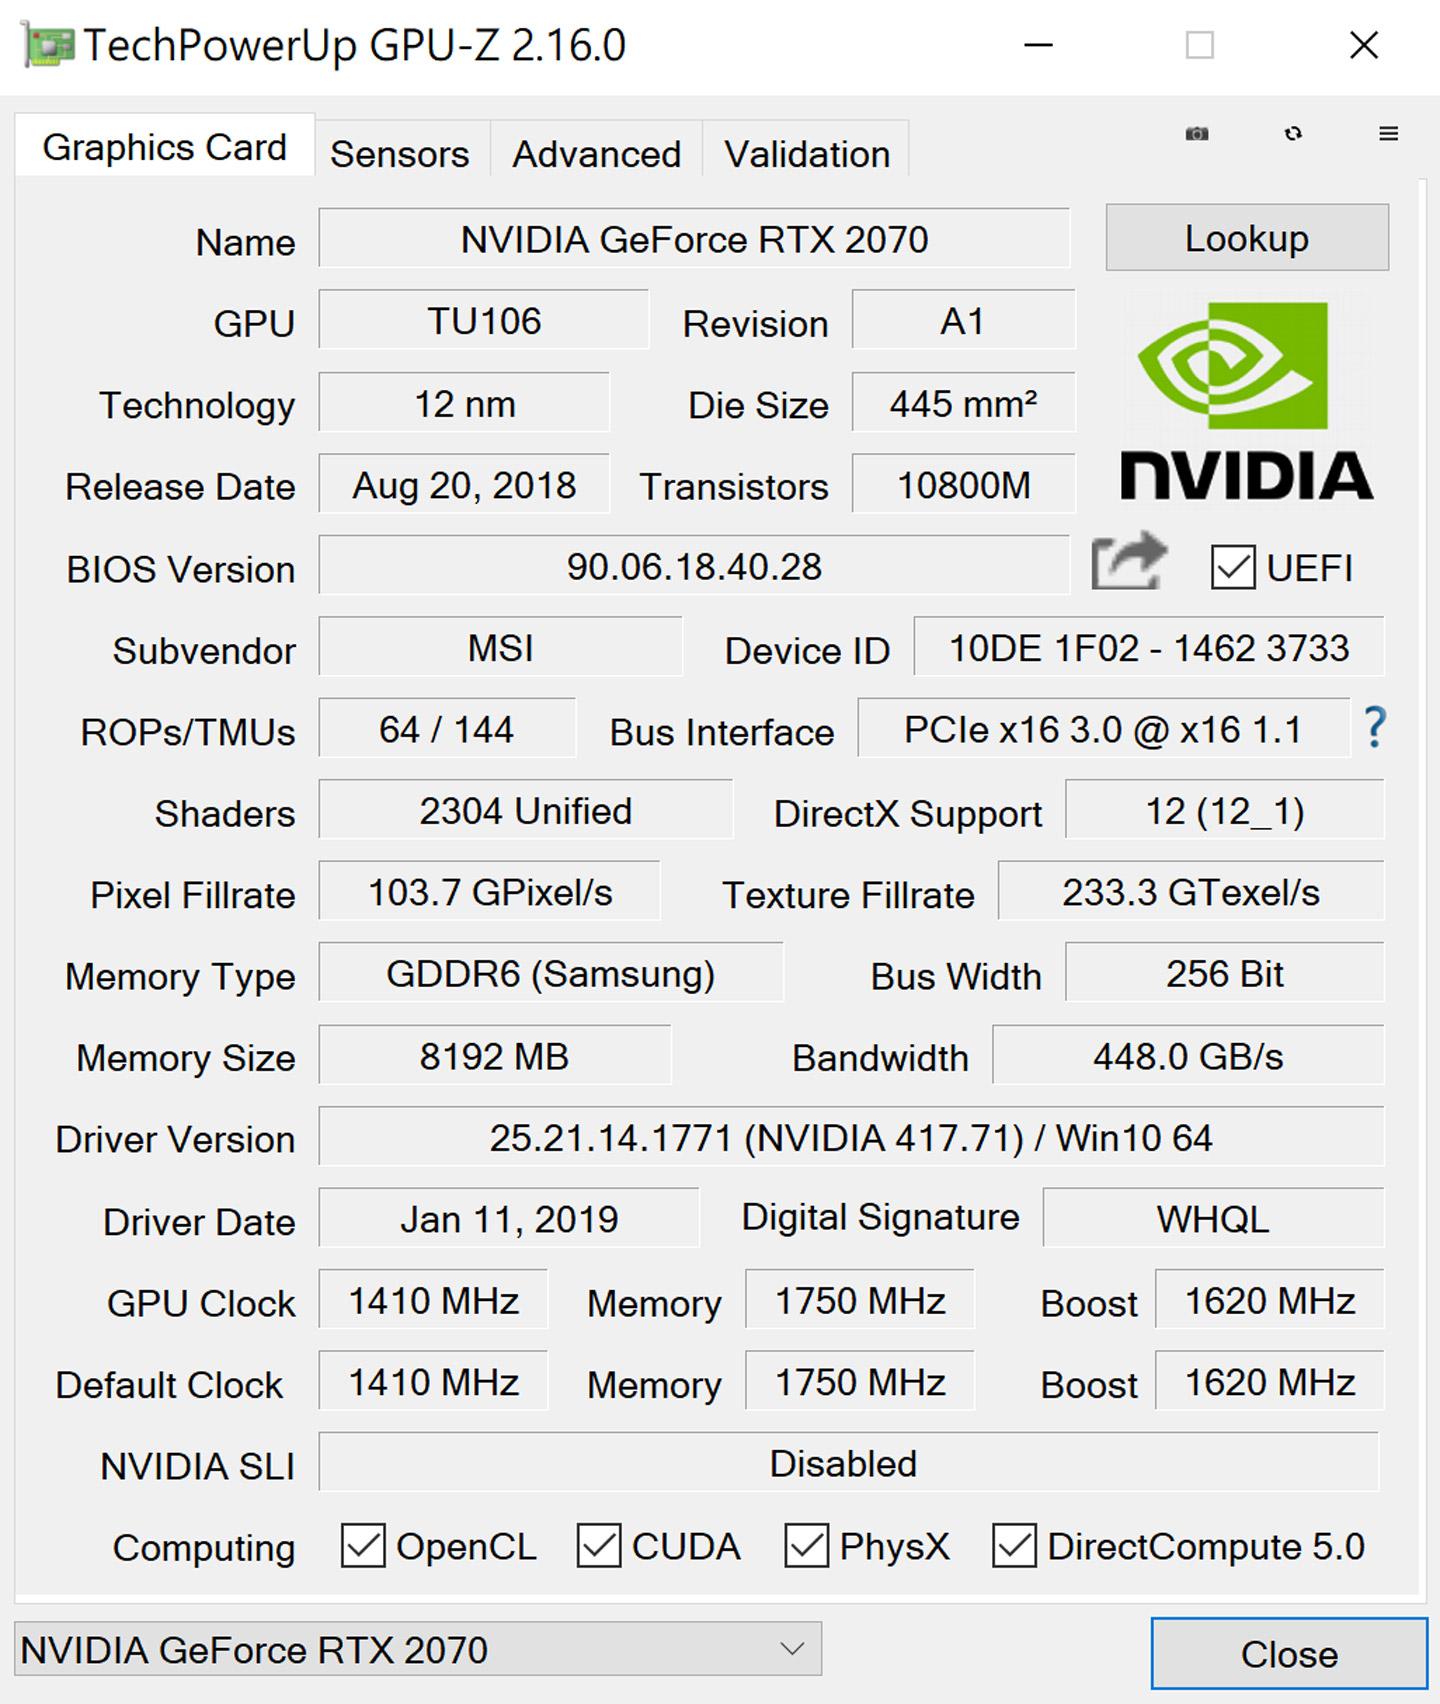 透過 GPU-Z 可看到顯示卡的詳細資訊,採用的是新世代 NVIDIA GeForce RTX 2070,製程為 12奈米,搭配了 8GB GDDR6 記憶體,圖像傳輸頻寬為 448 GB/s。